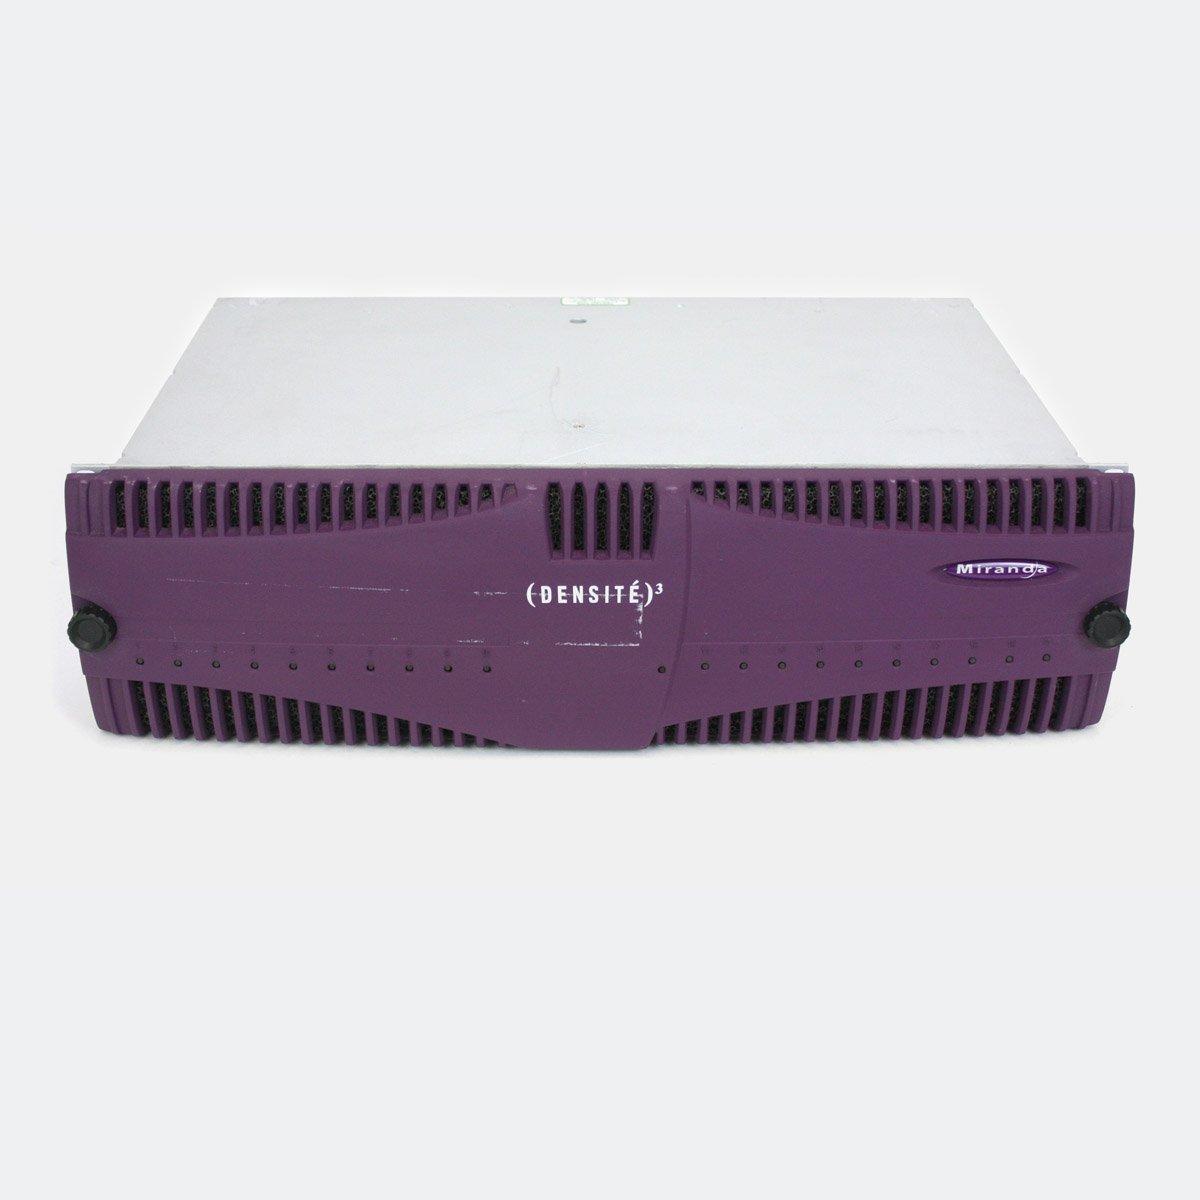 Used Miranda Densite 3 Frame with 10x LGK-3901 SD cards